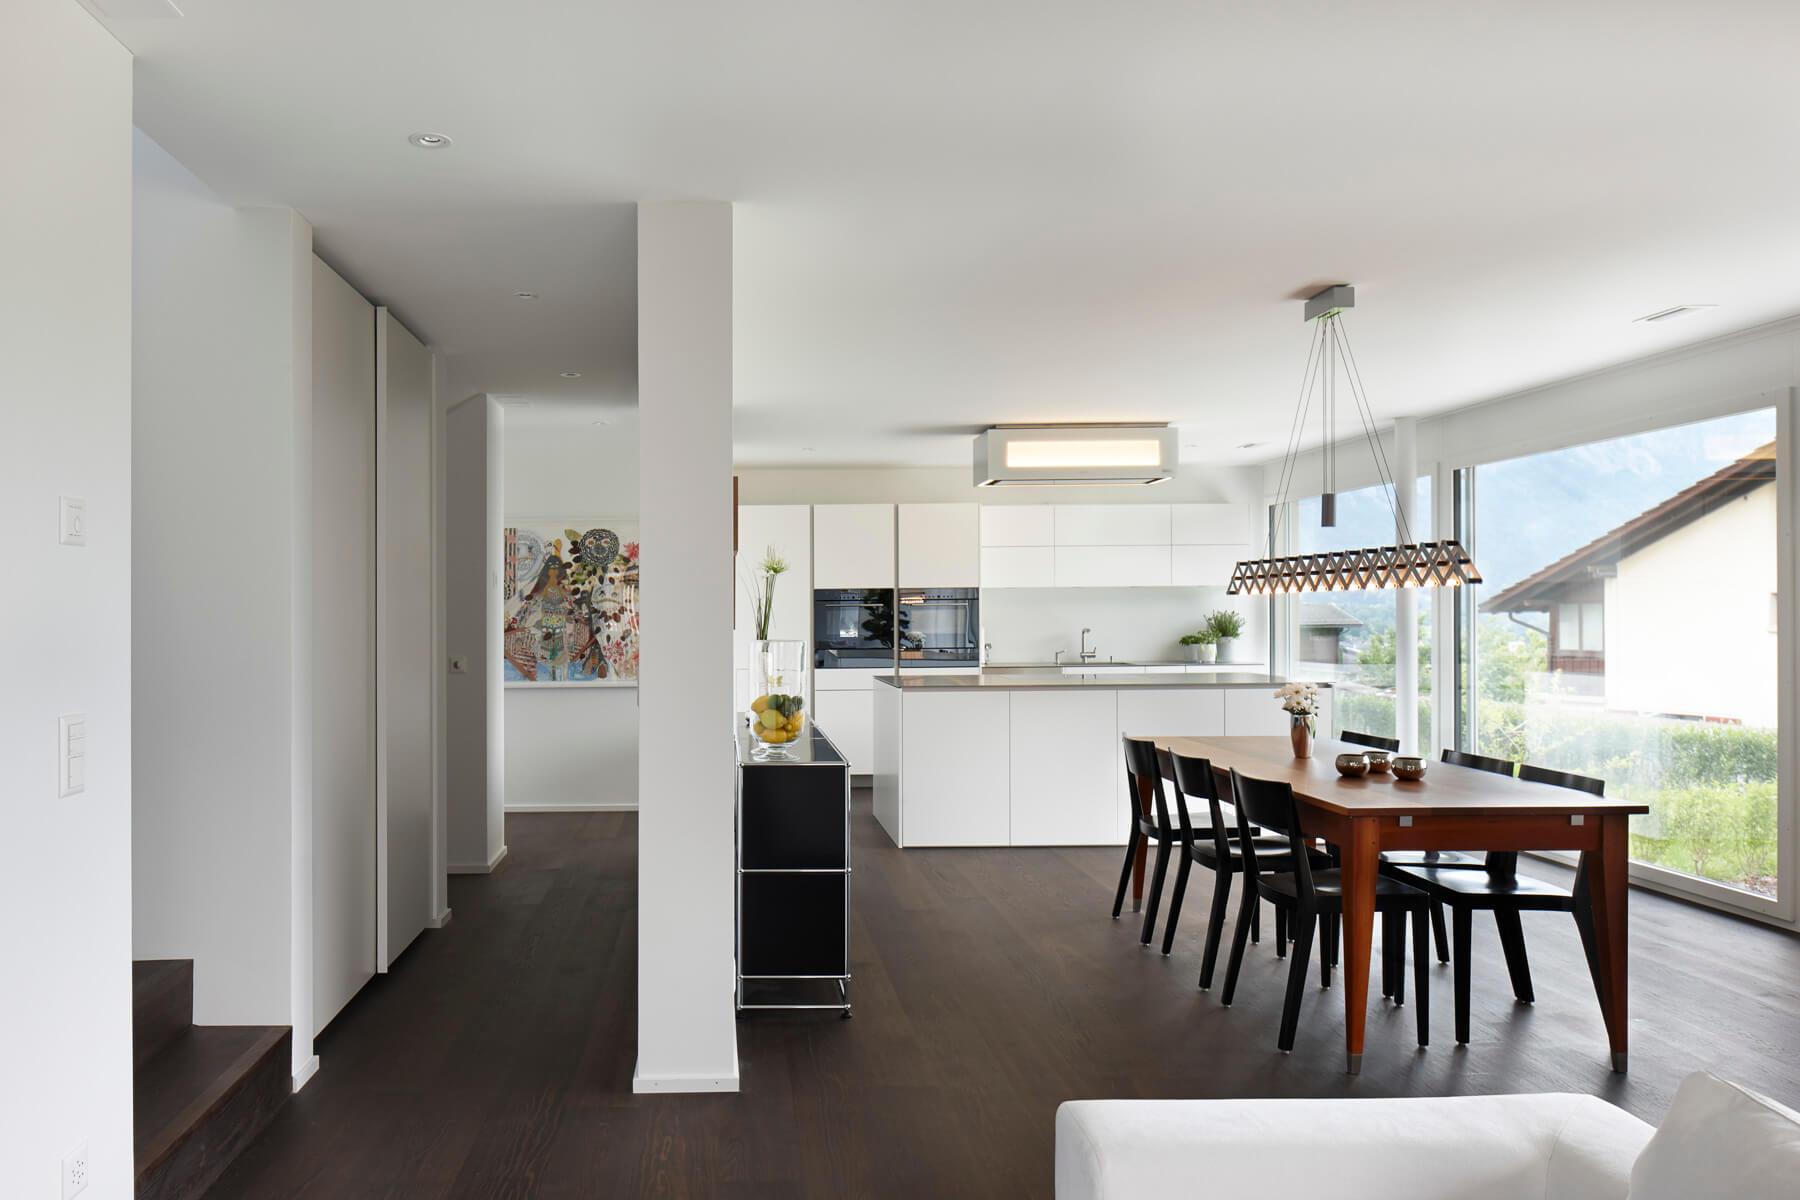 malans-doppeleinfamilienhaus-wohnzimmer